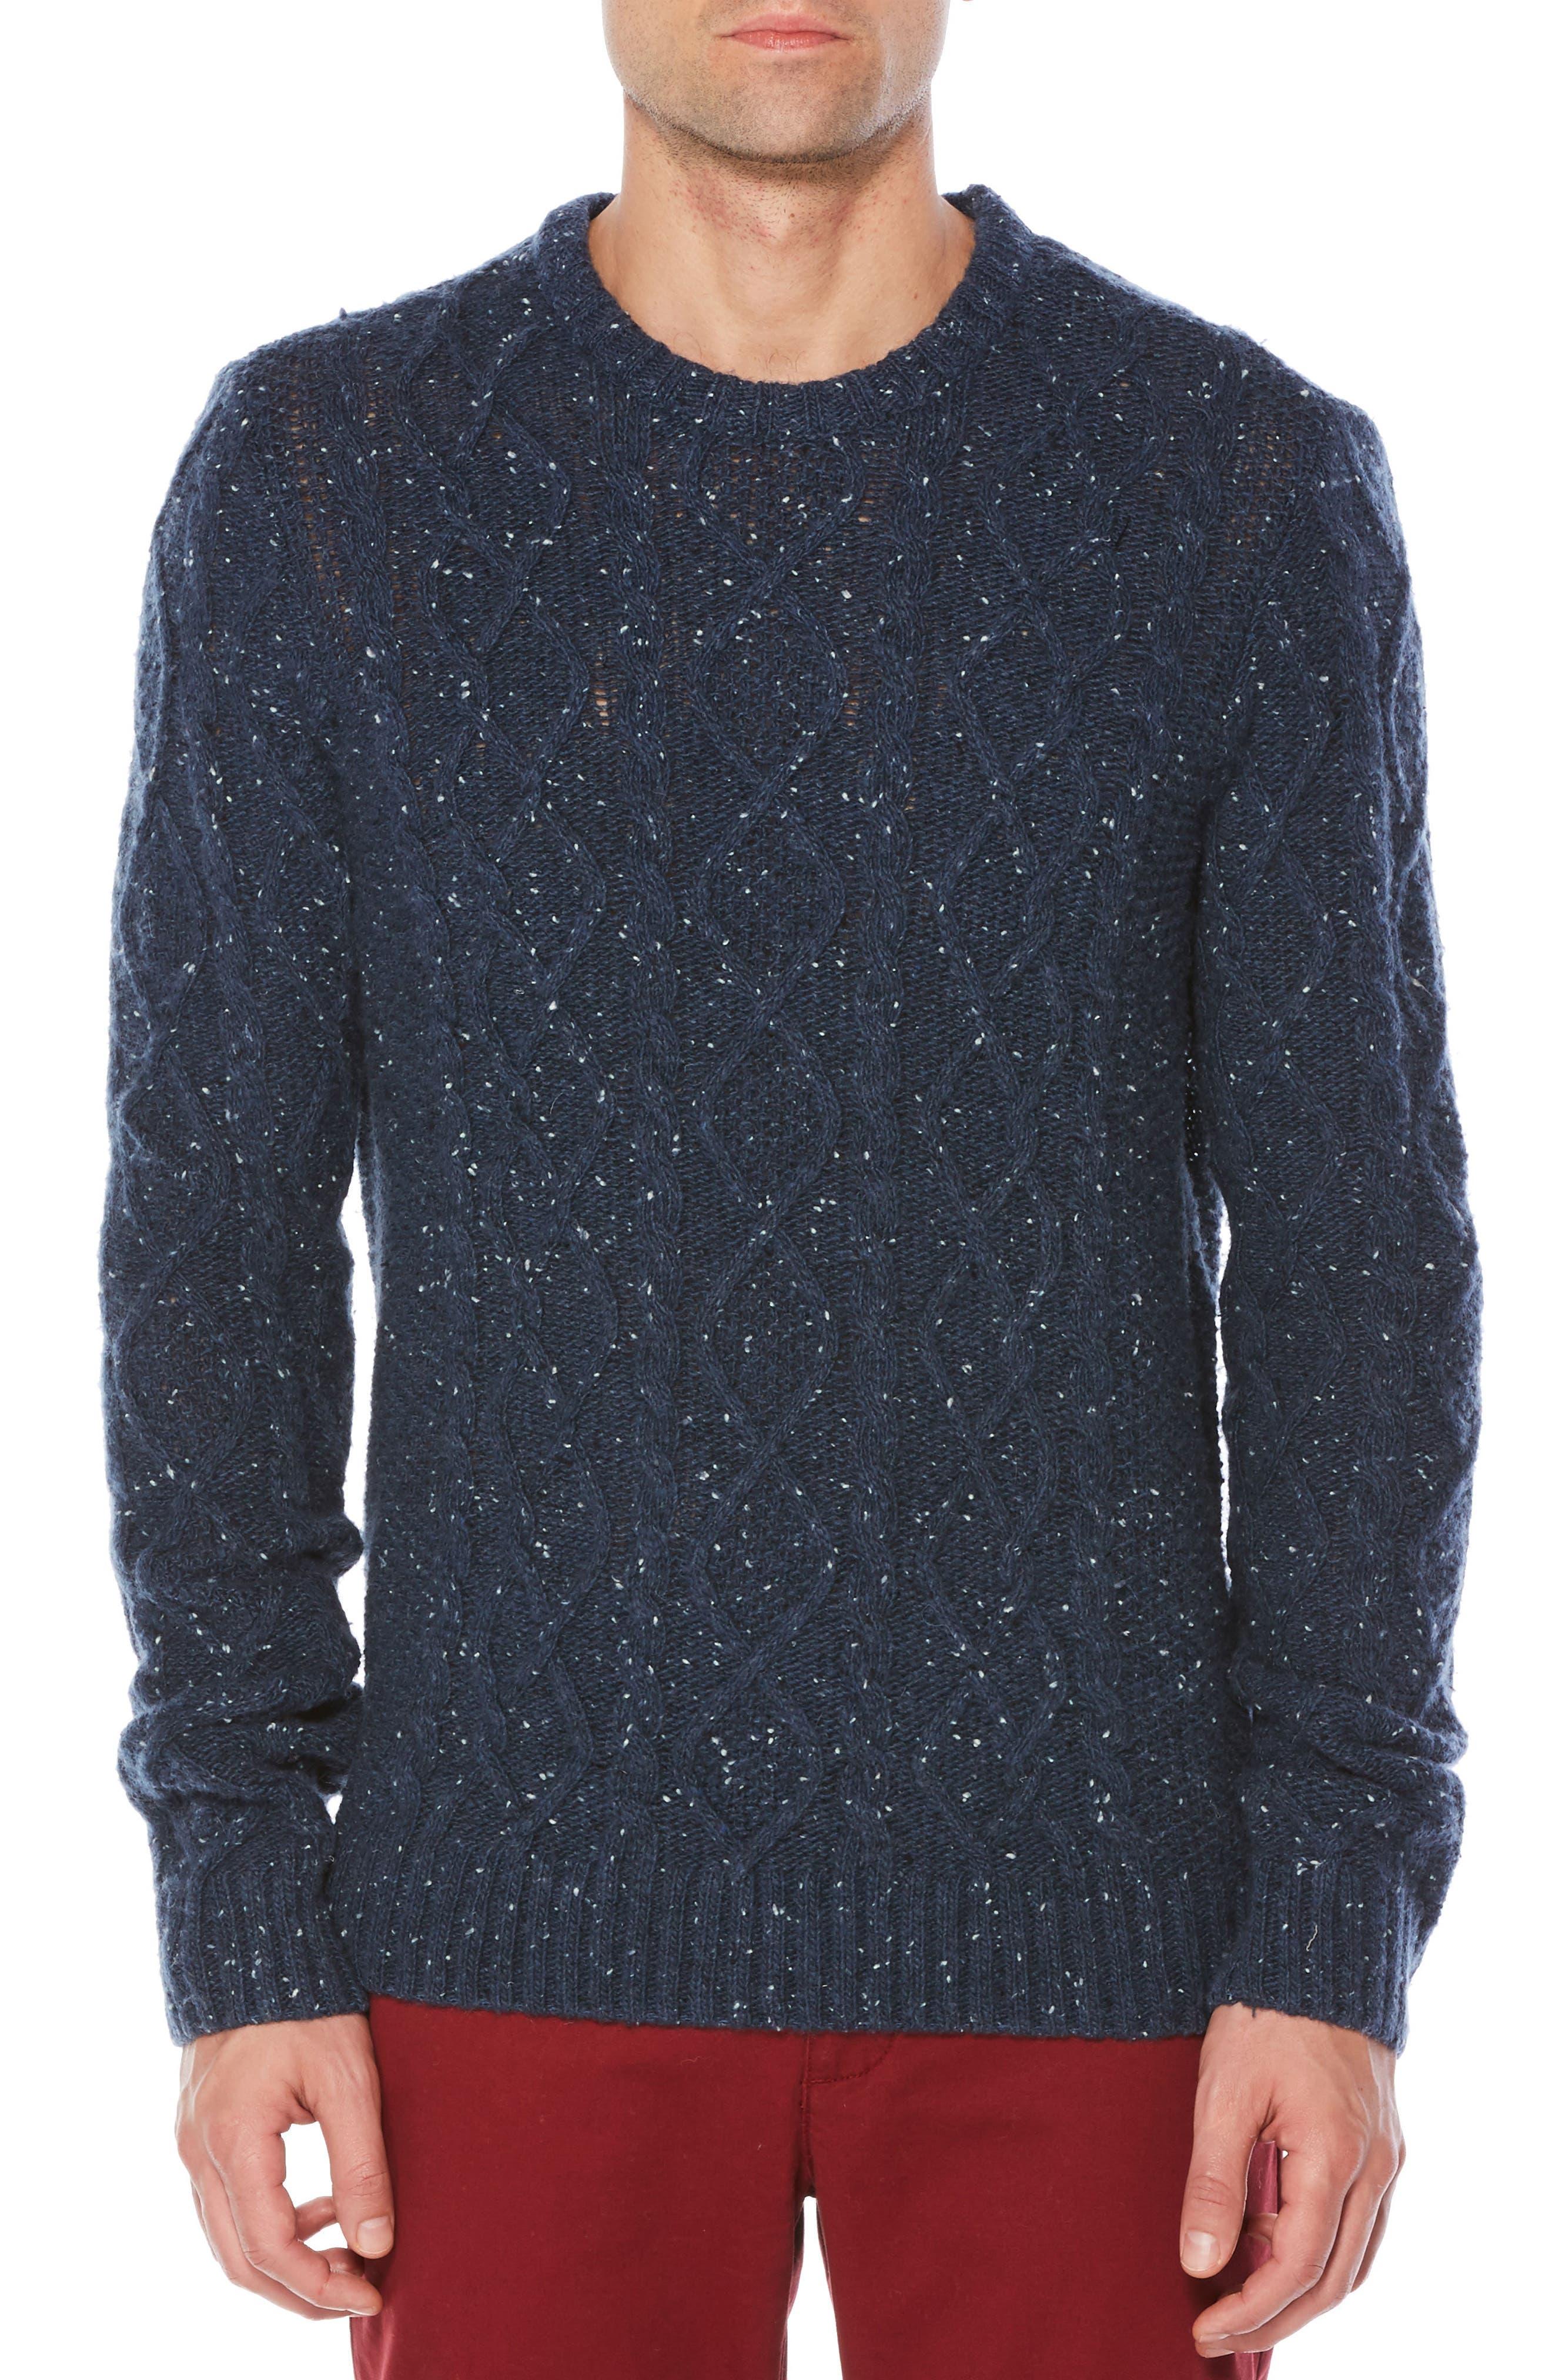 Alternate Image 1 Selected - Original Penguin Fisherman Sweater